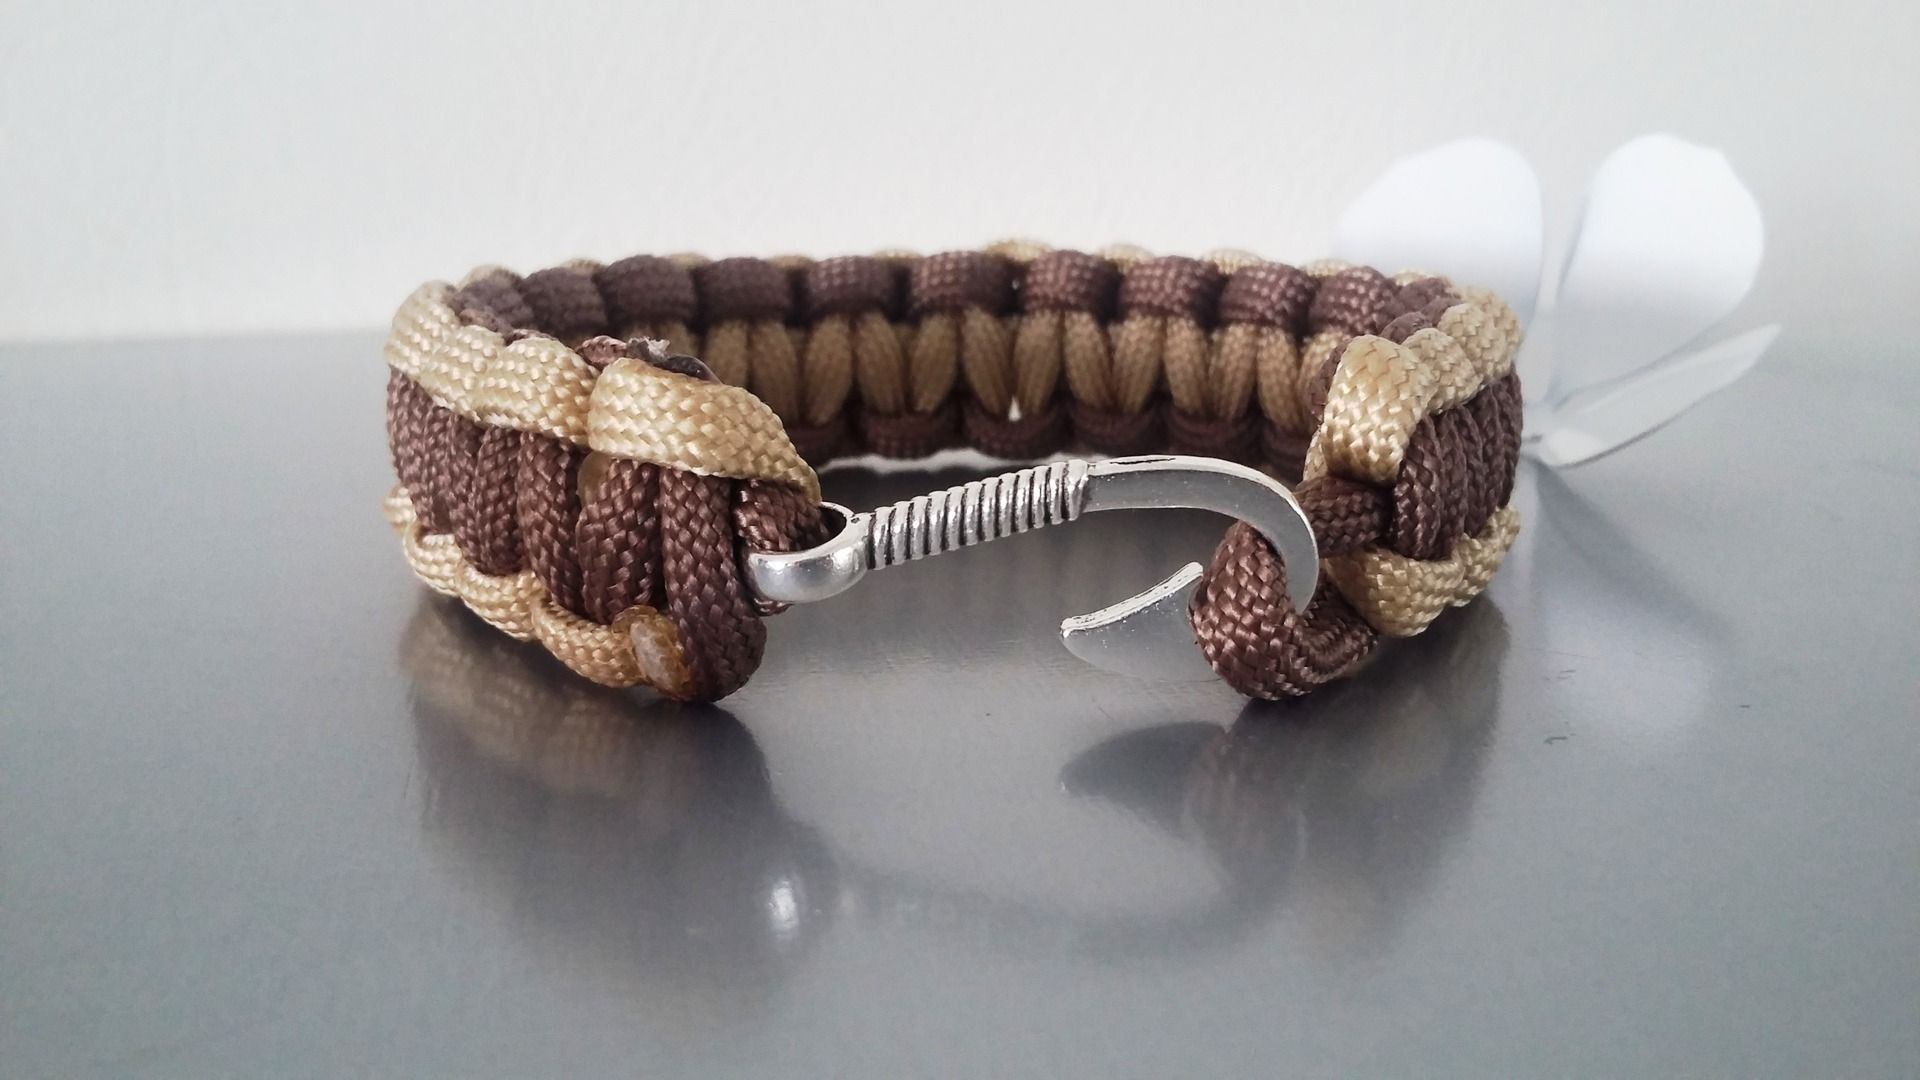 Chaîne de Bracelet en Caoutchouc Corde de Bracelet avec Fermoir Accessoires